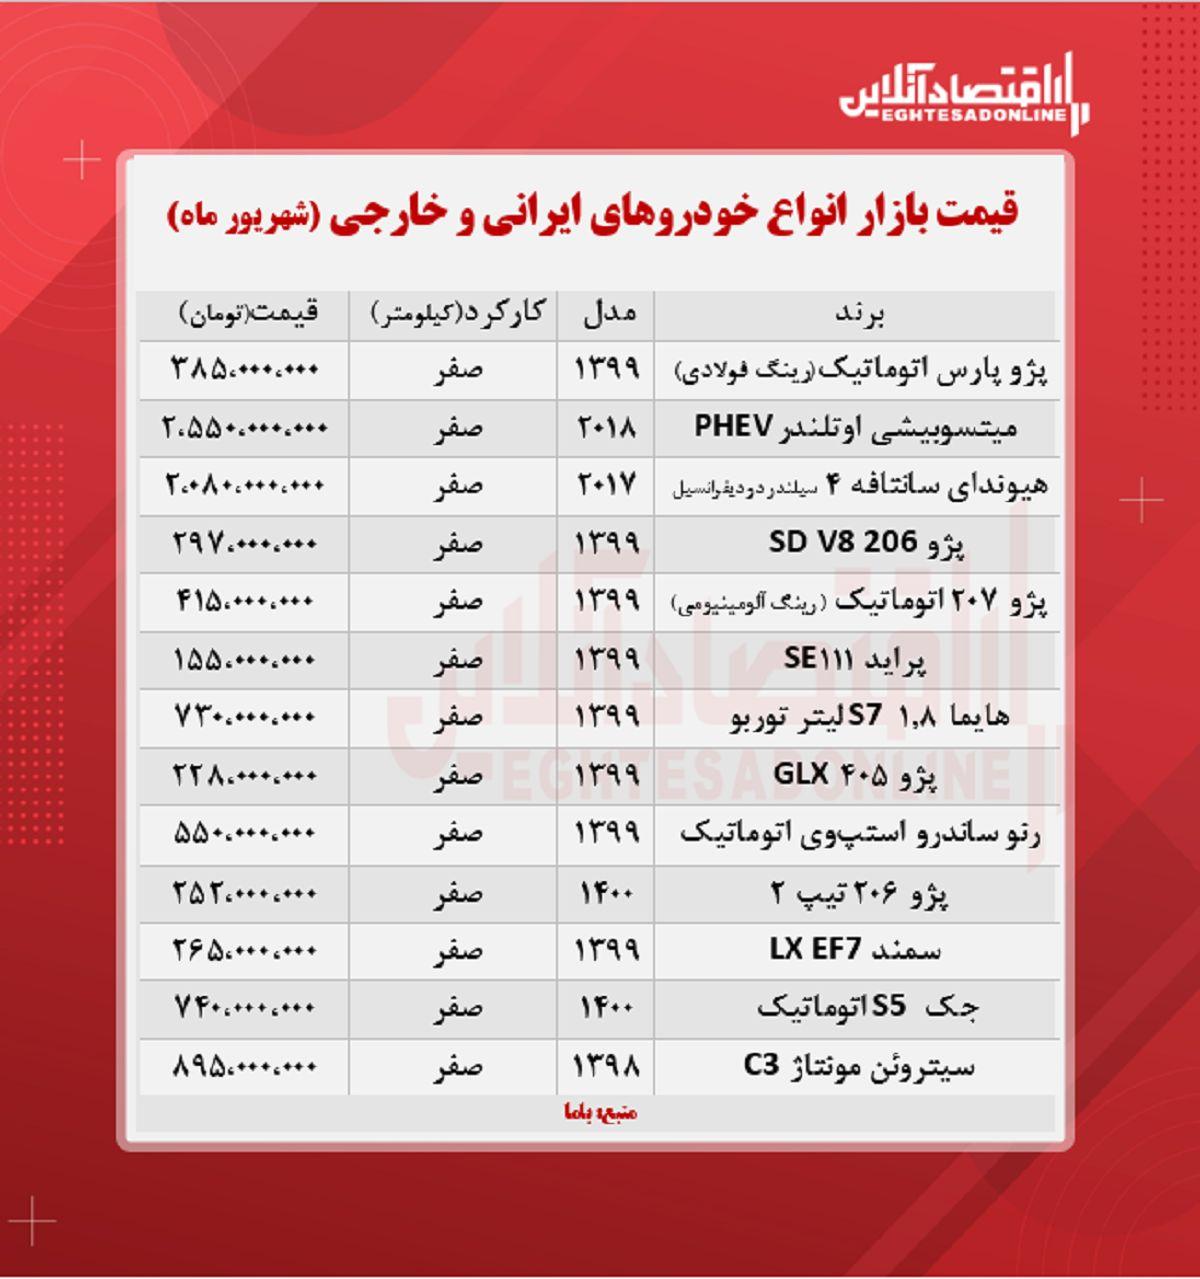 قیمت خودرو امروز ۱۴۰۰/۶/۲